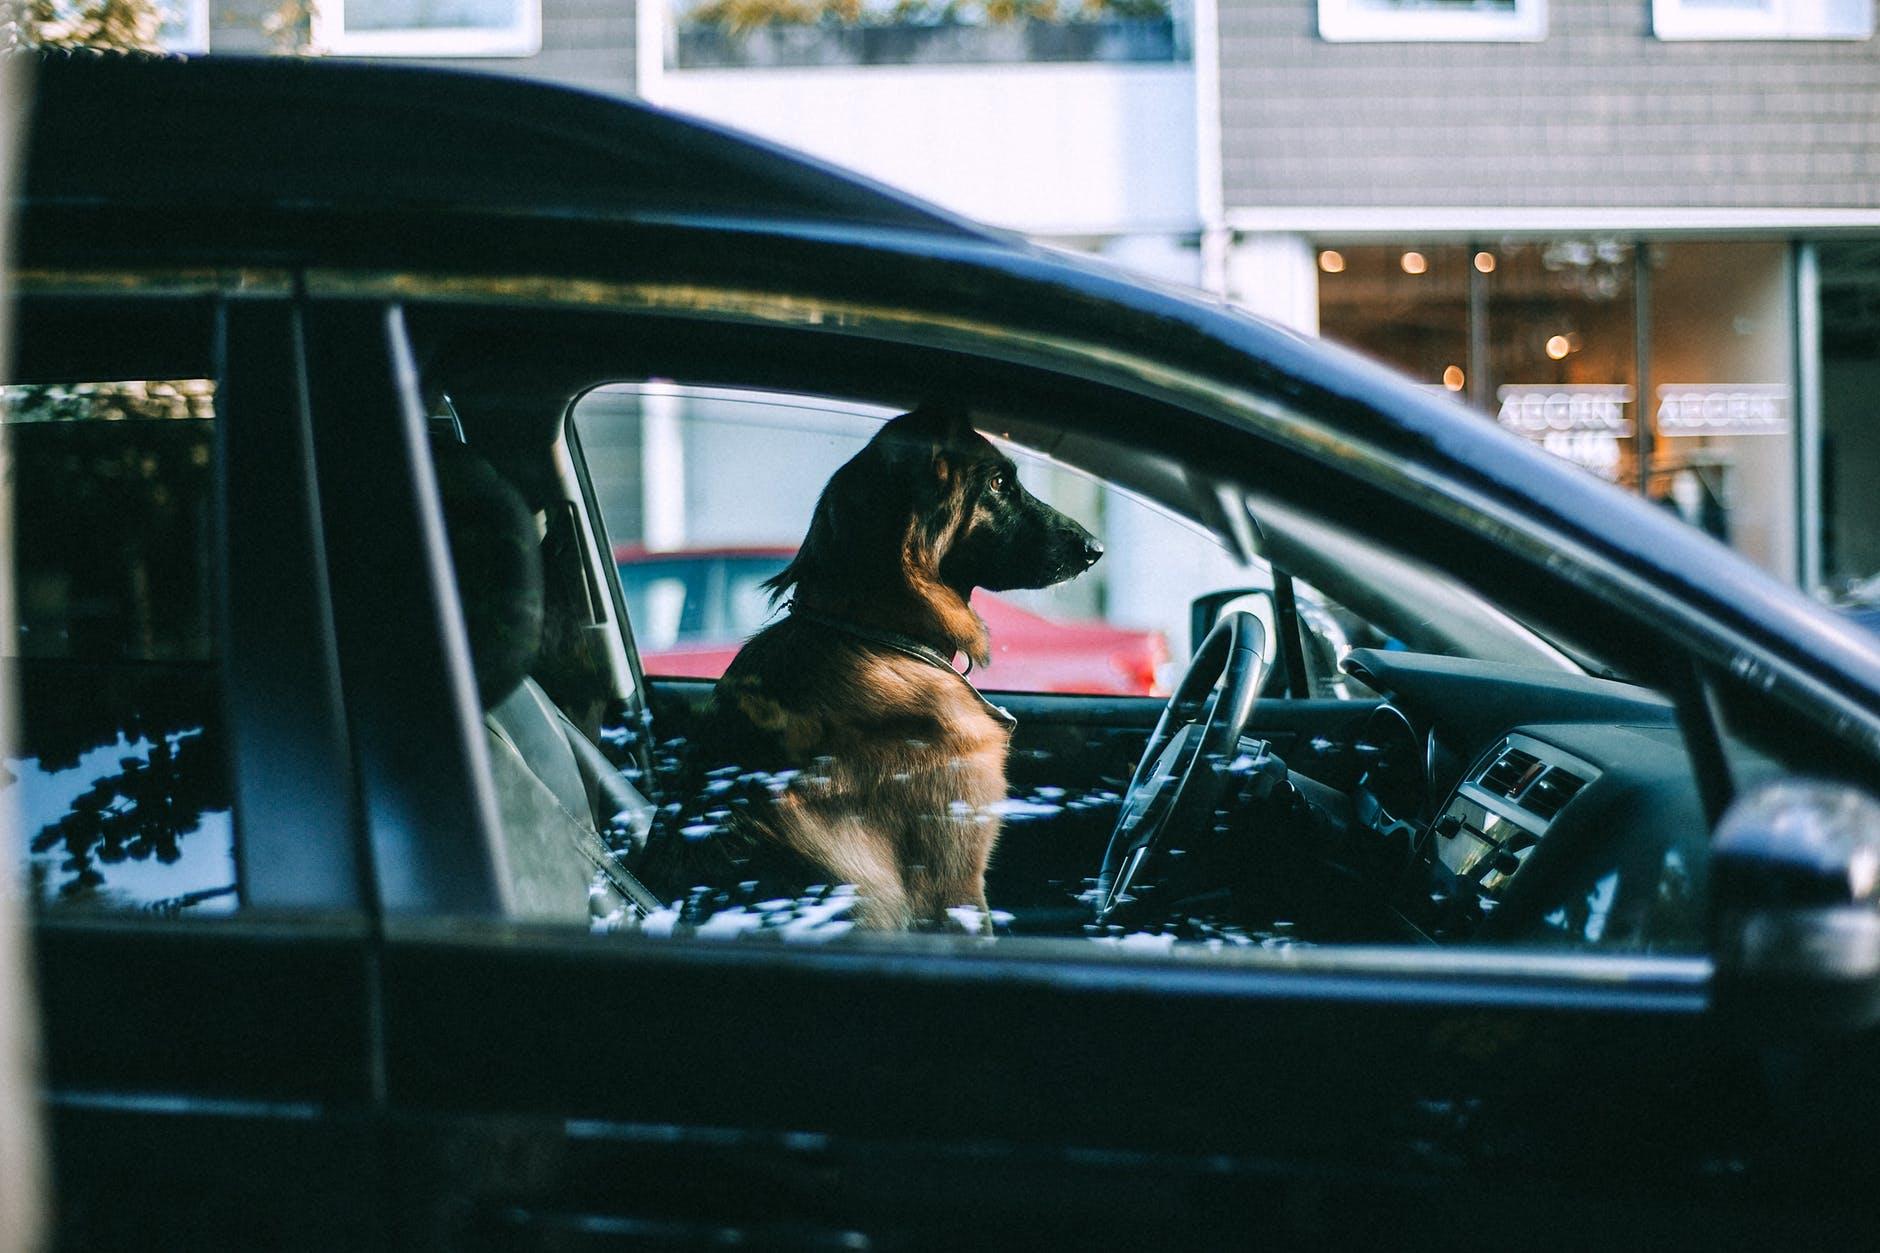 Comment voyager avec son chien en toute sécurité en voiture?